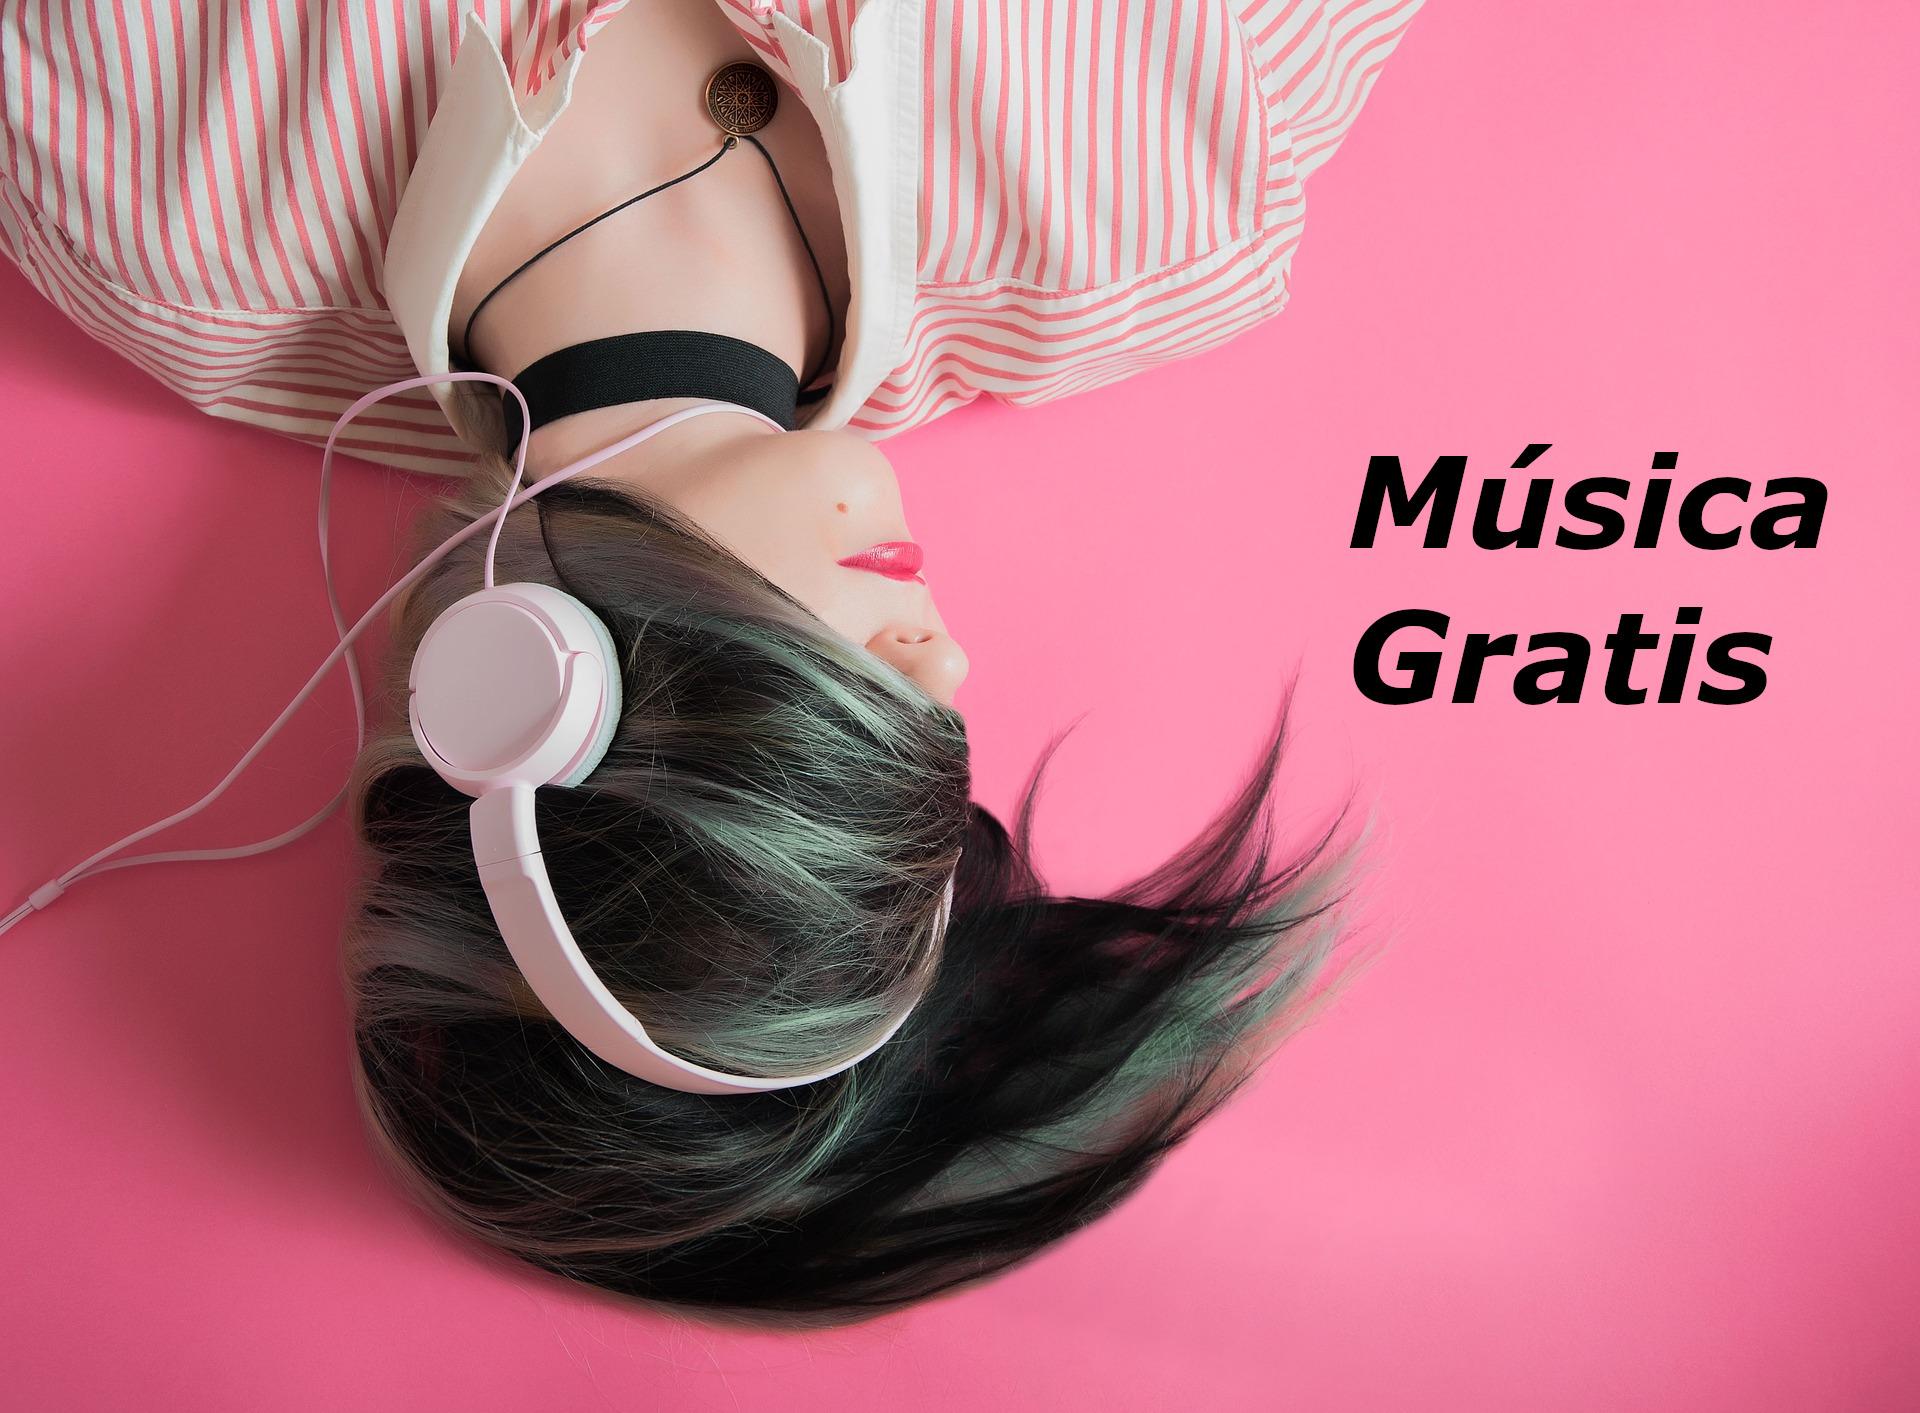 Aplicaciones para descargar música